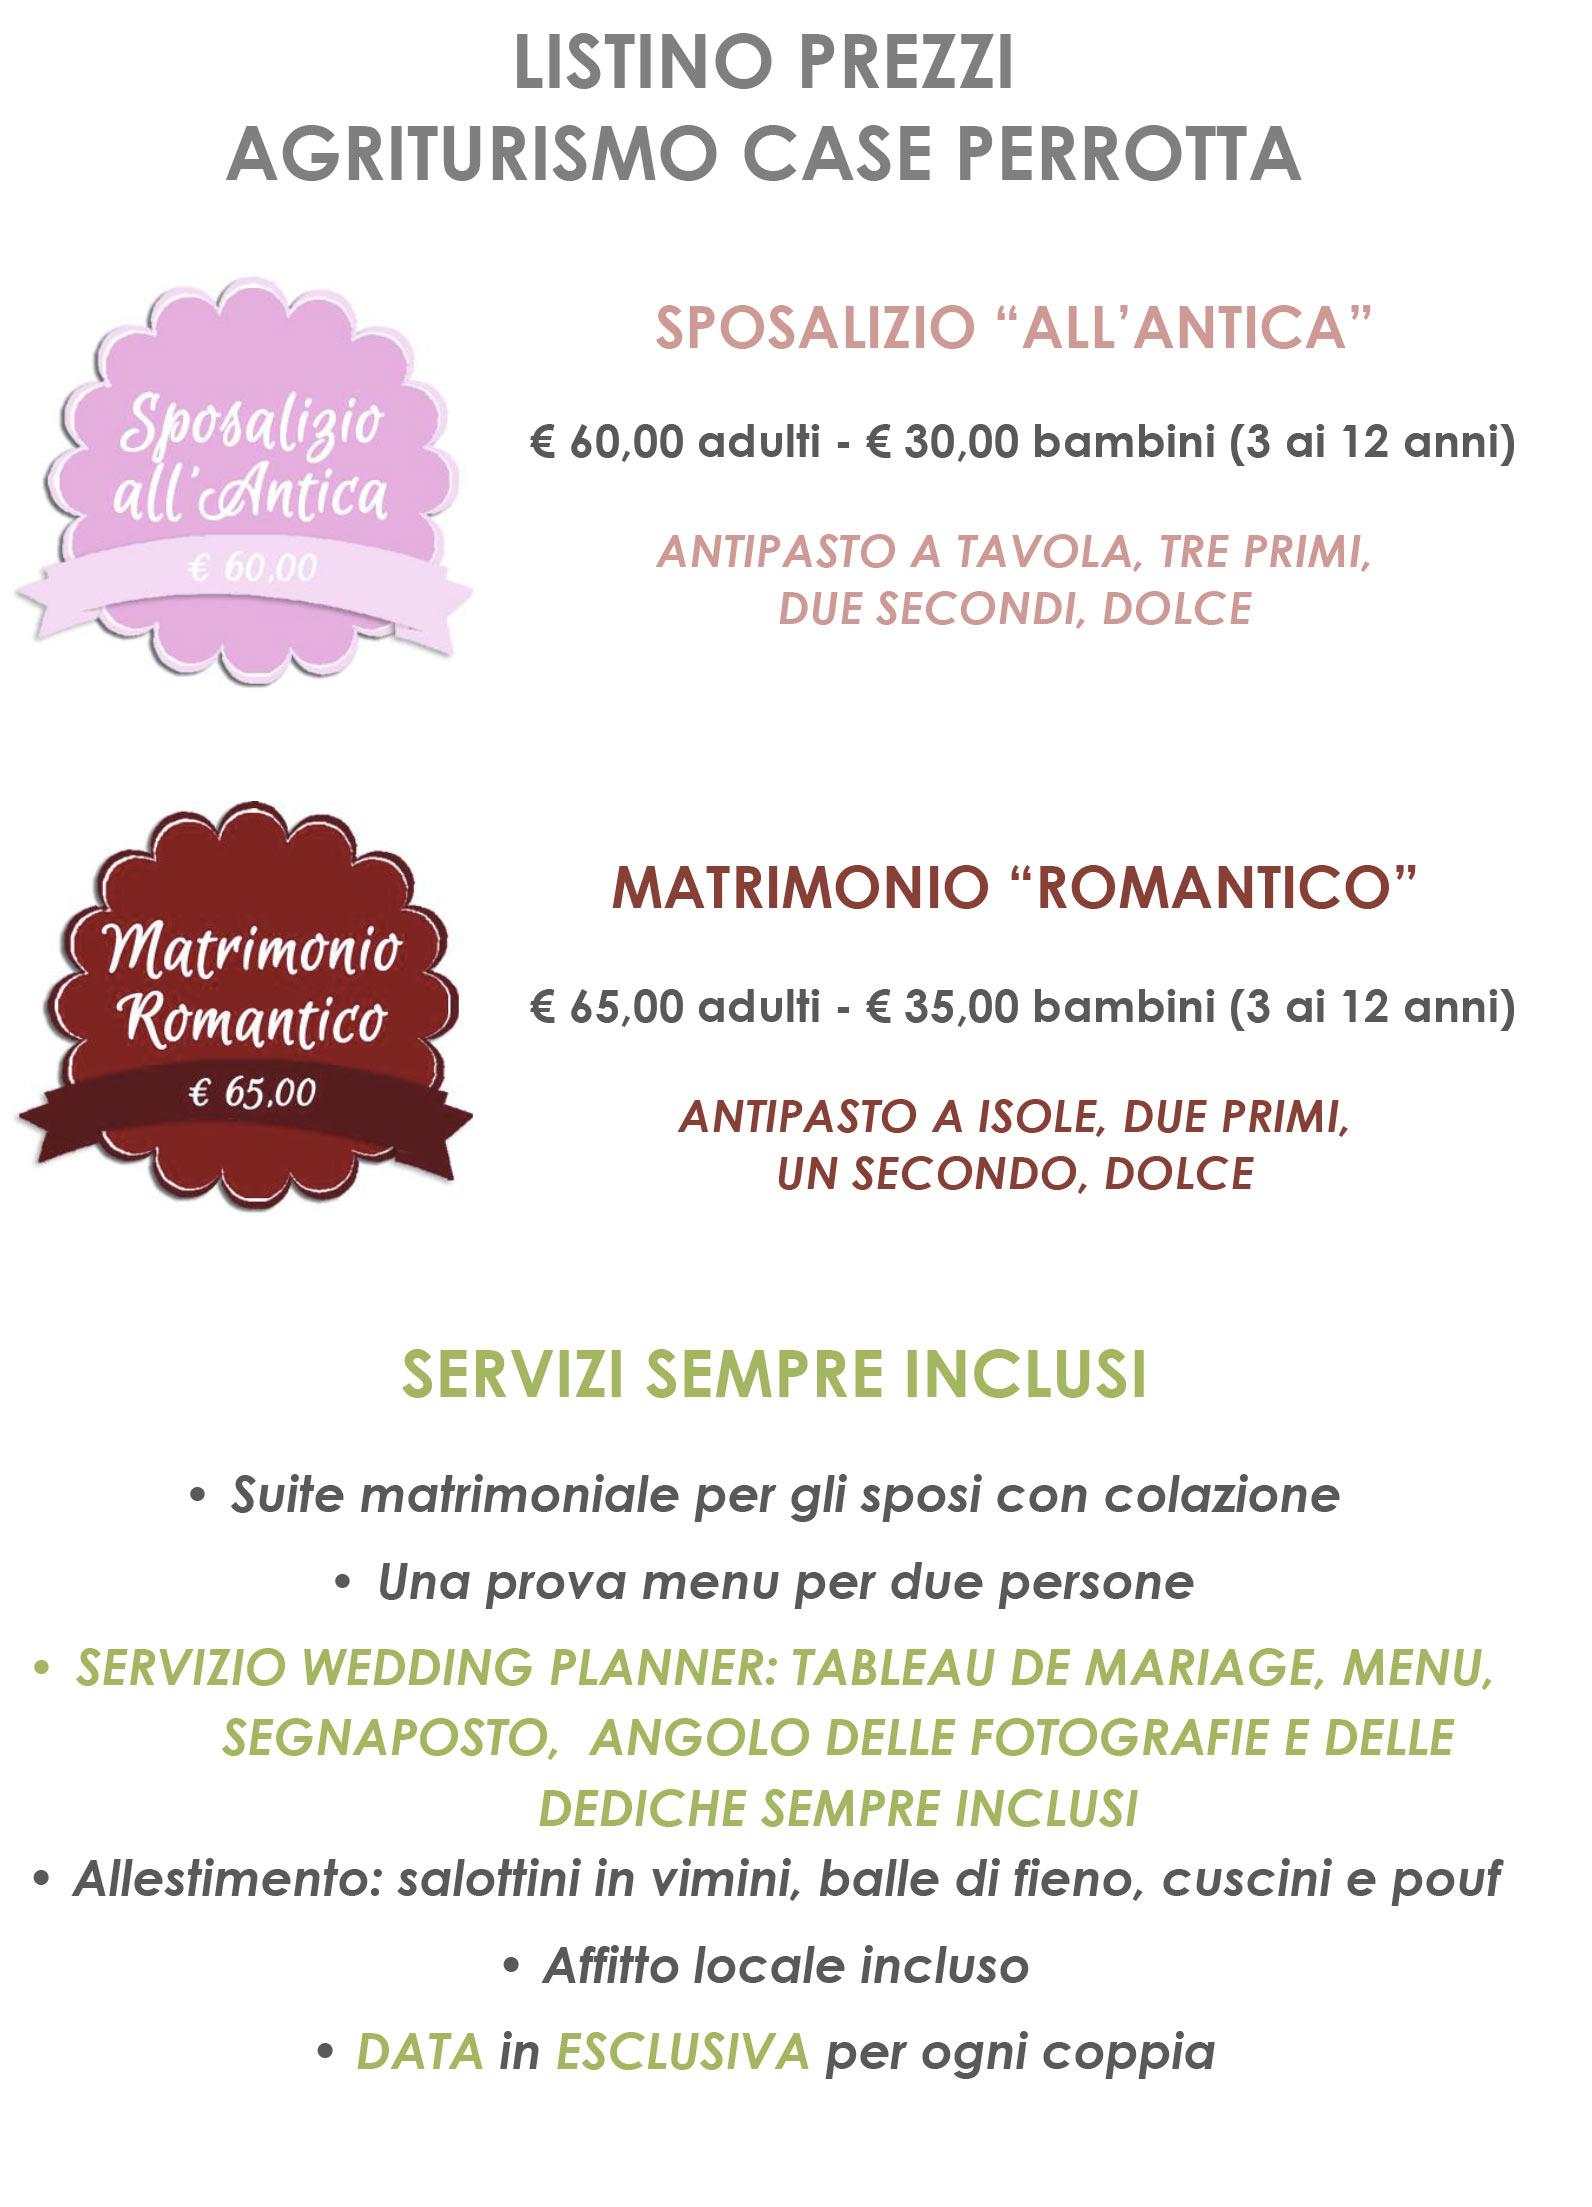 pranzo nuziale prezzi: matrimonio low cost: 22 consigli furbi per ... - Pranzo Nuziale Prezzi